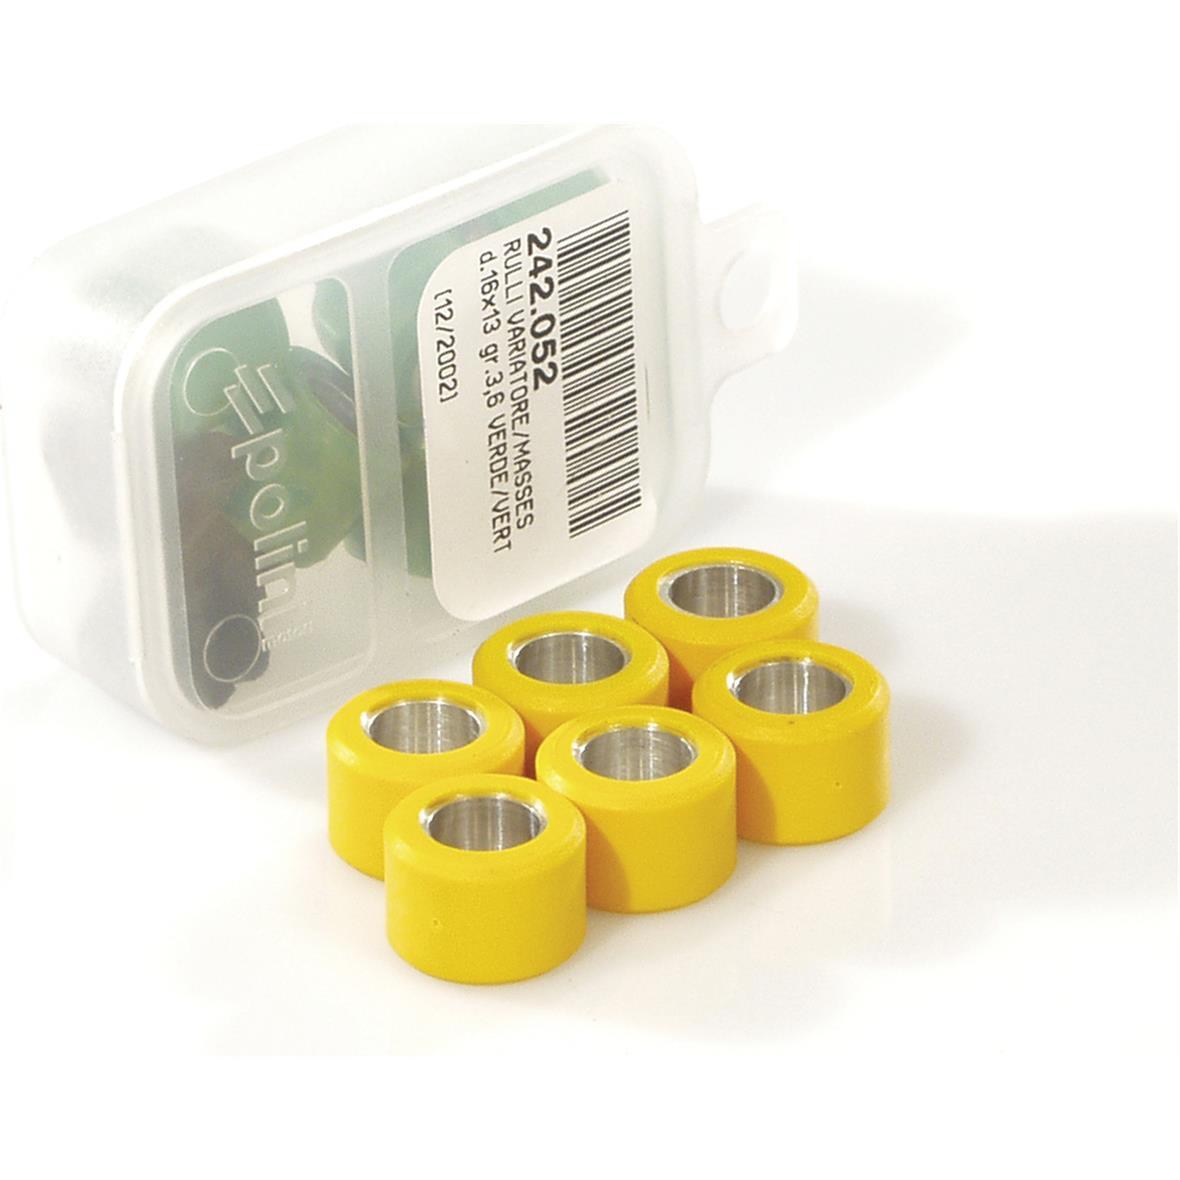 「バリエーター ロール POLINI 15x12 mm 6 (グラム)Title」の製品画像